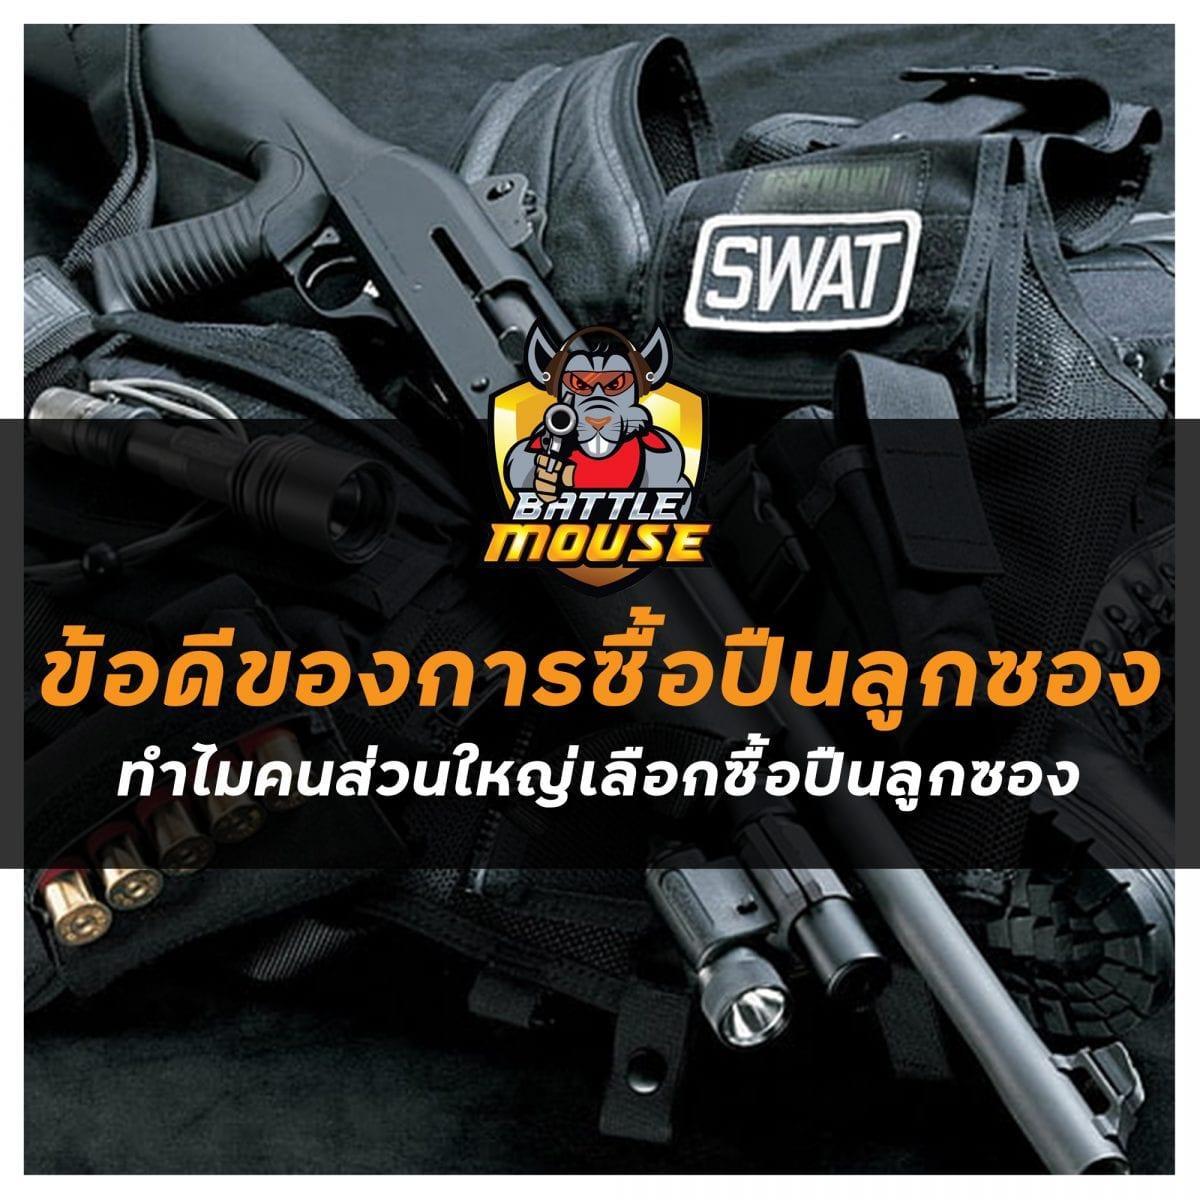 ข้อดีของการ ซื้อปืน ลูกซอง และเหตุผล ทำไมคนส่วนใหญ่ ซื้อปืนลูกซอง